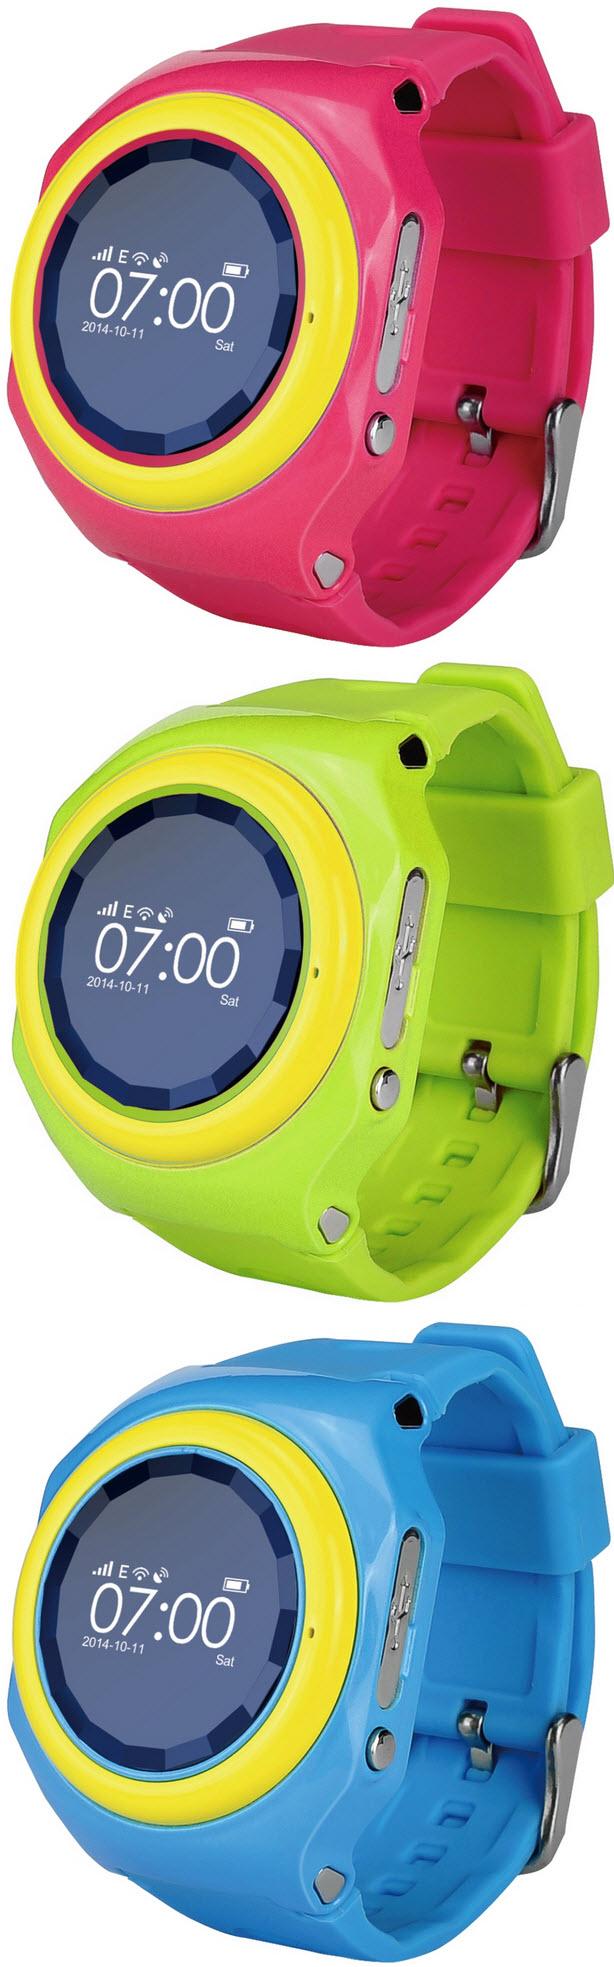 Belio GPS Kinderuhren zur Ortung von Sohn oder Tochter